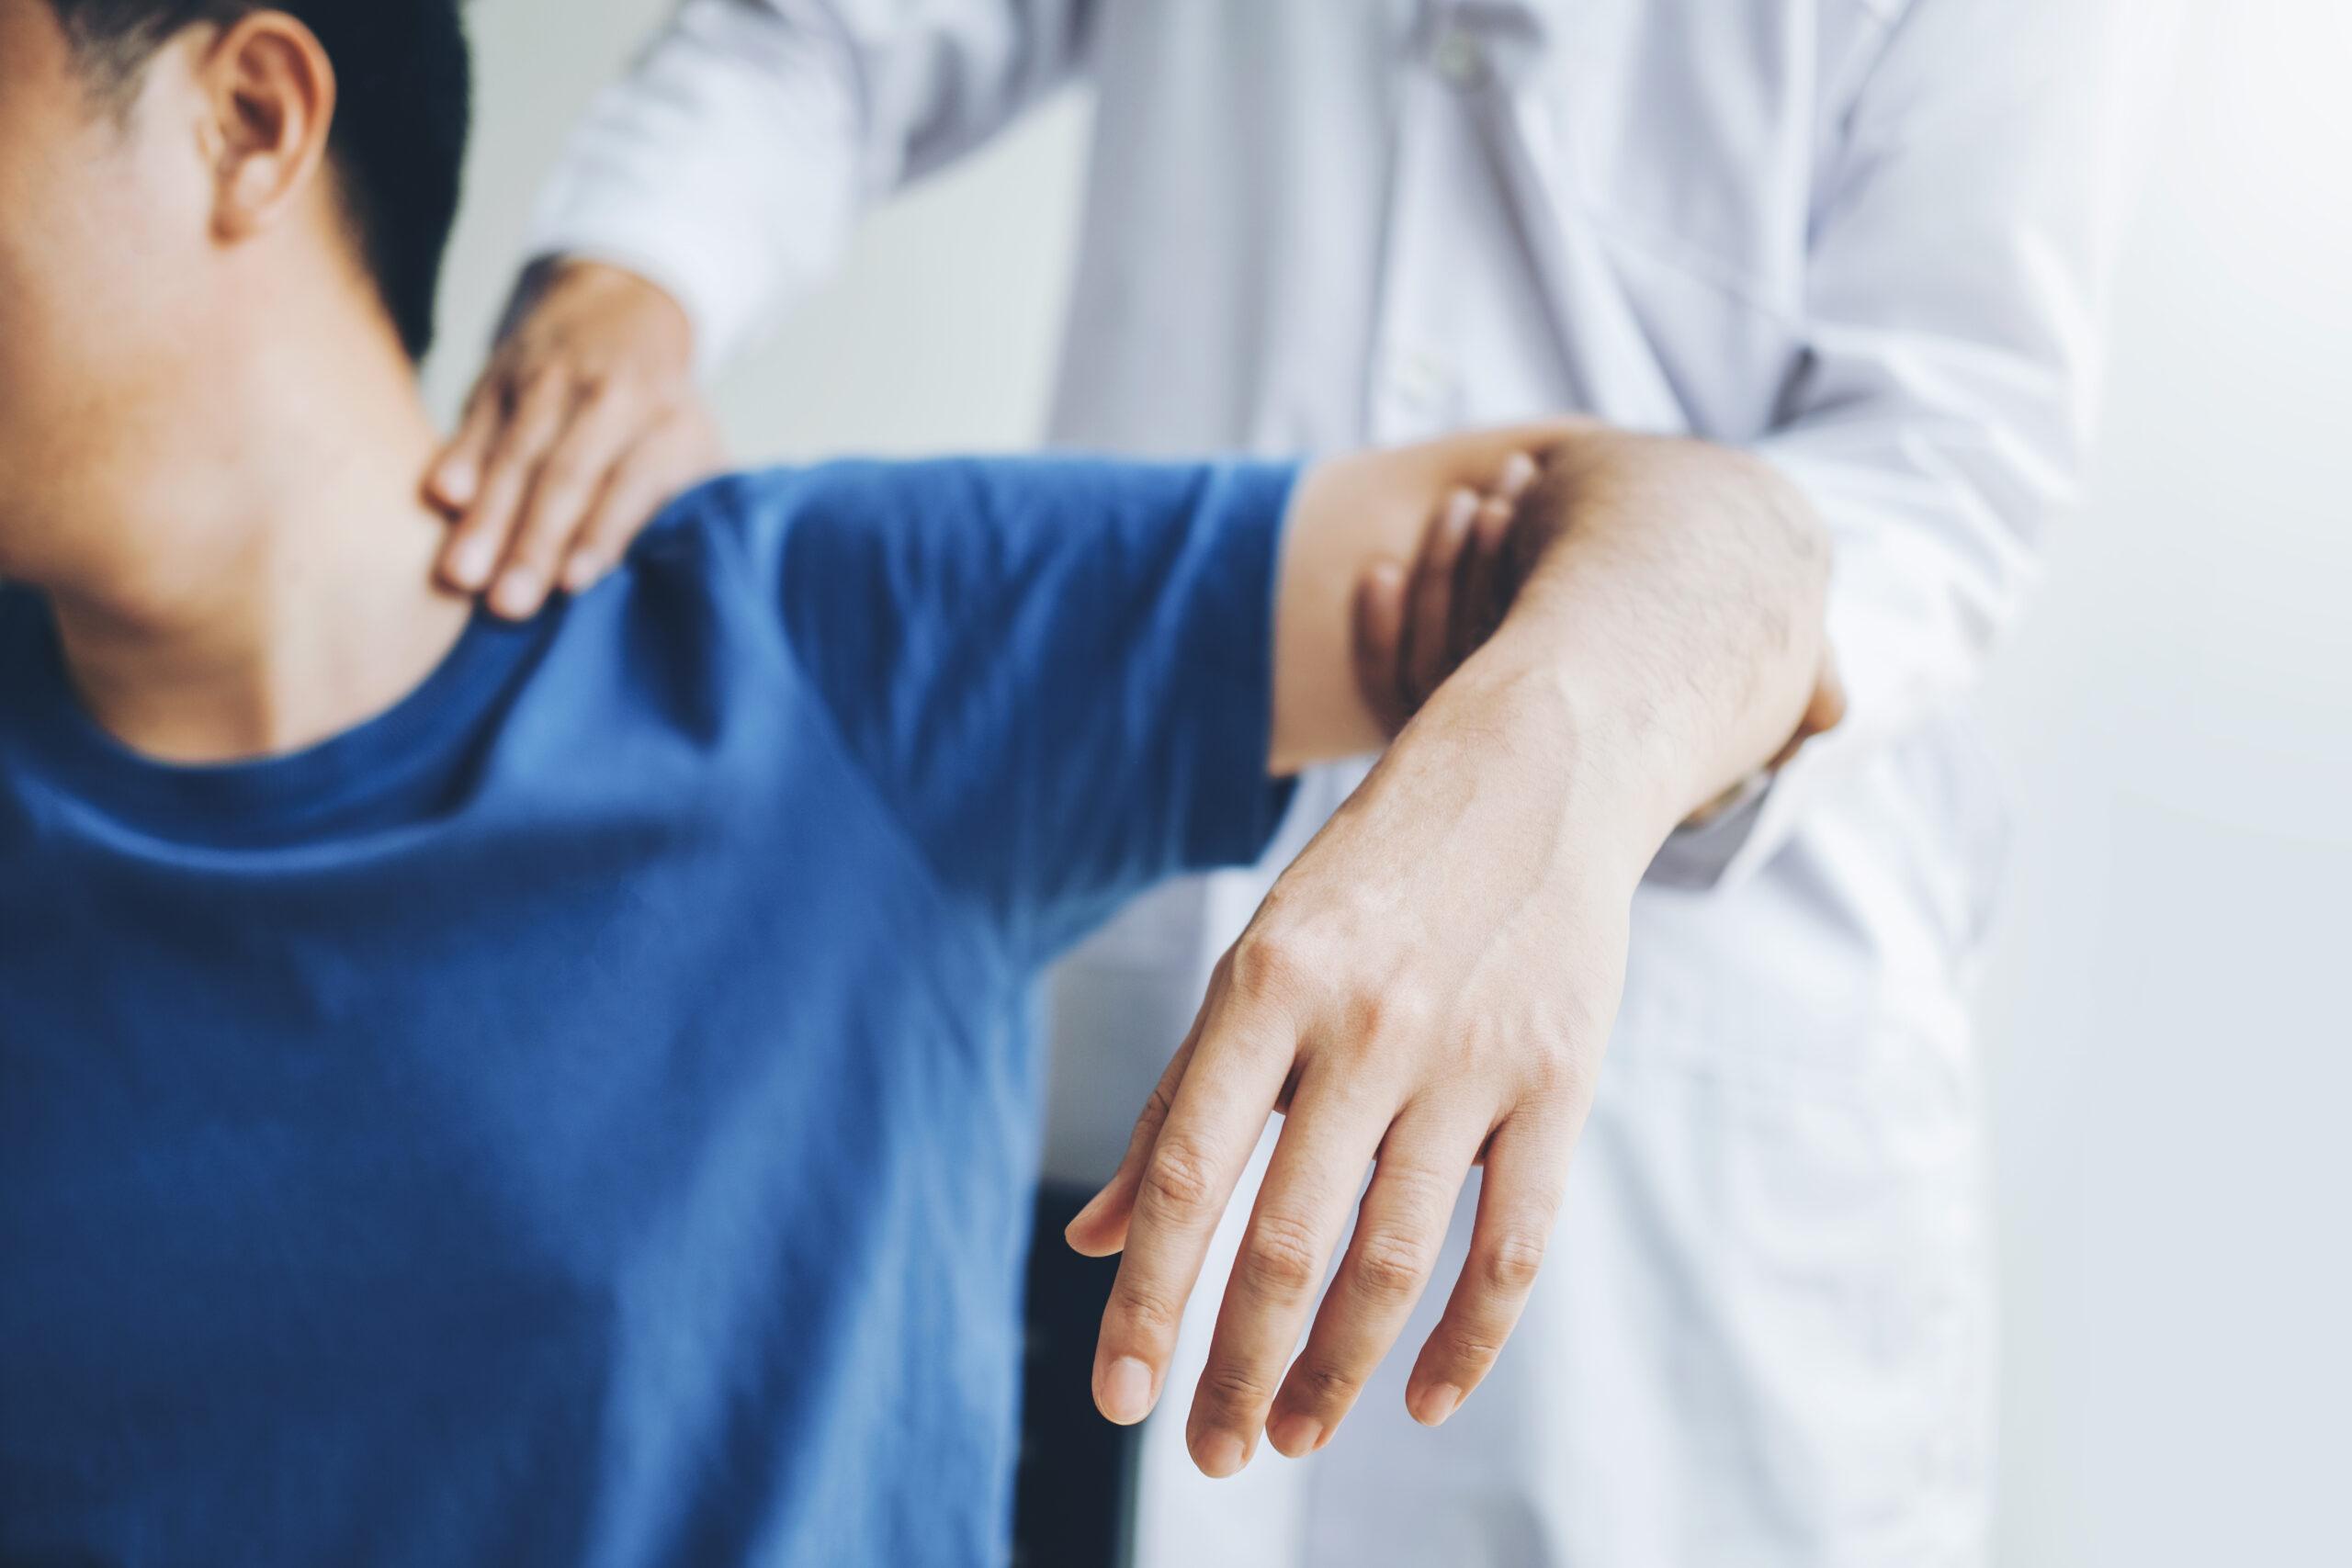 Outpatient Rehabilitation Care